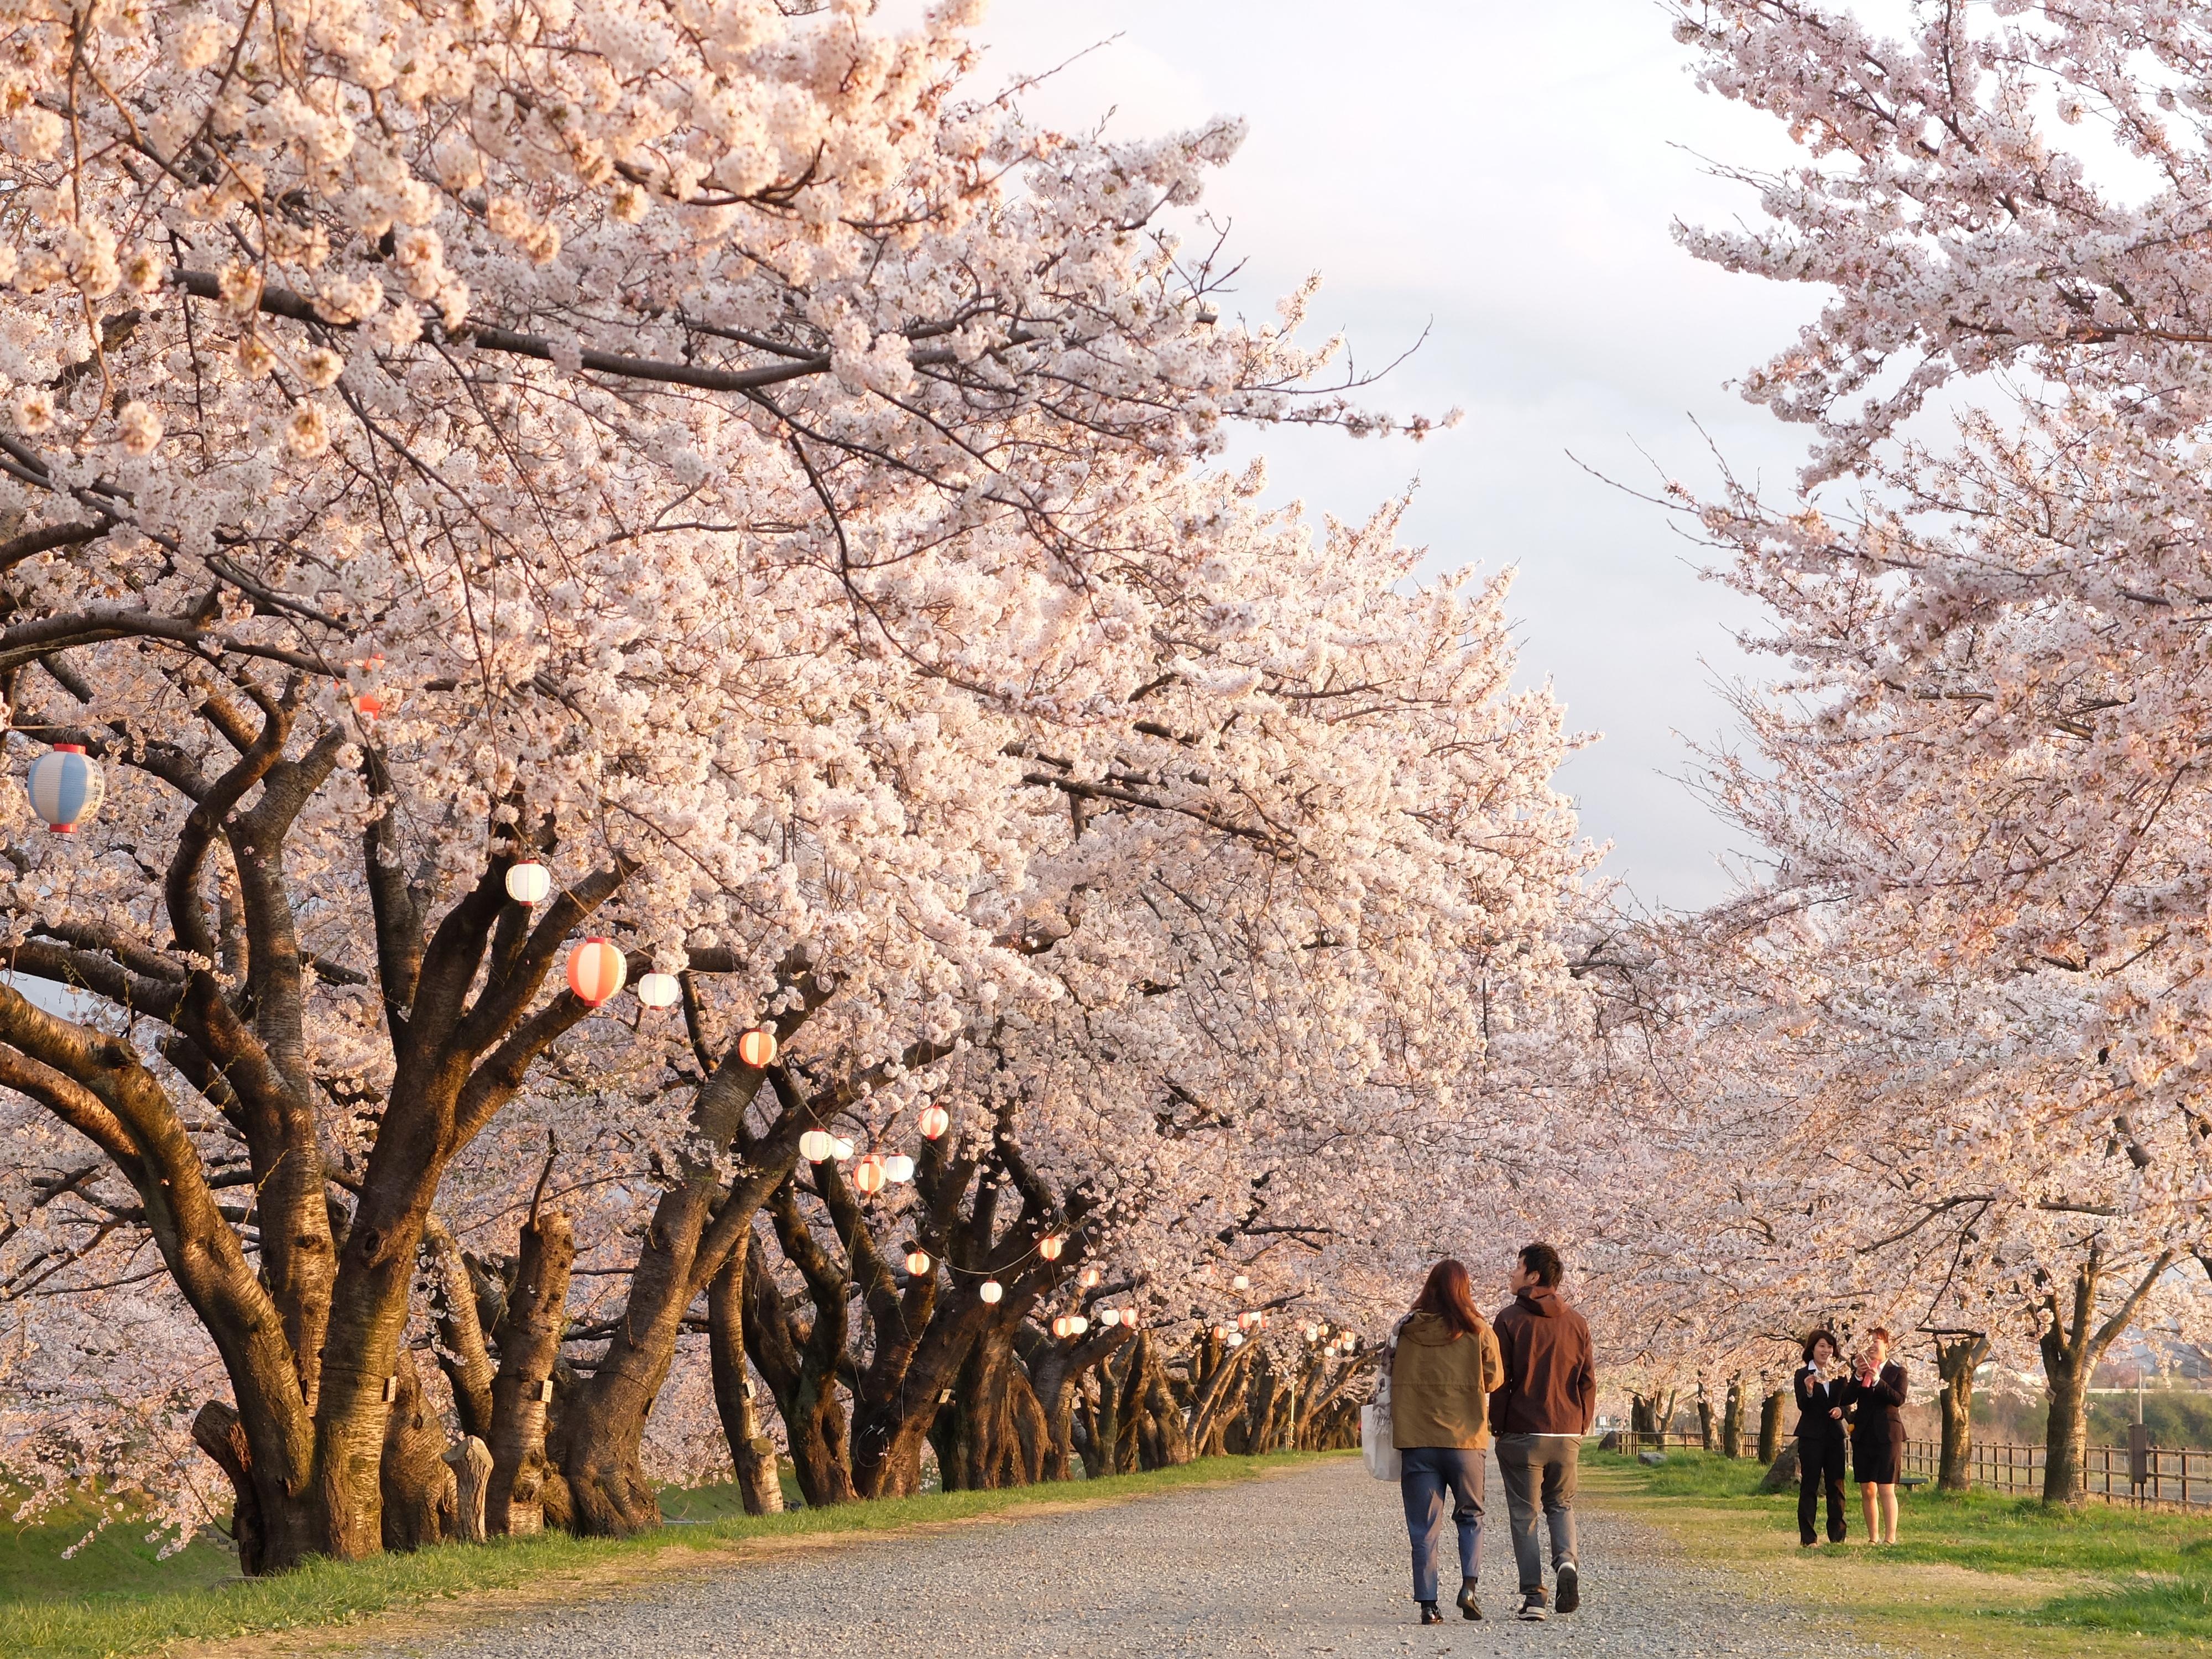 夕暮れ時の桜並木